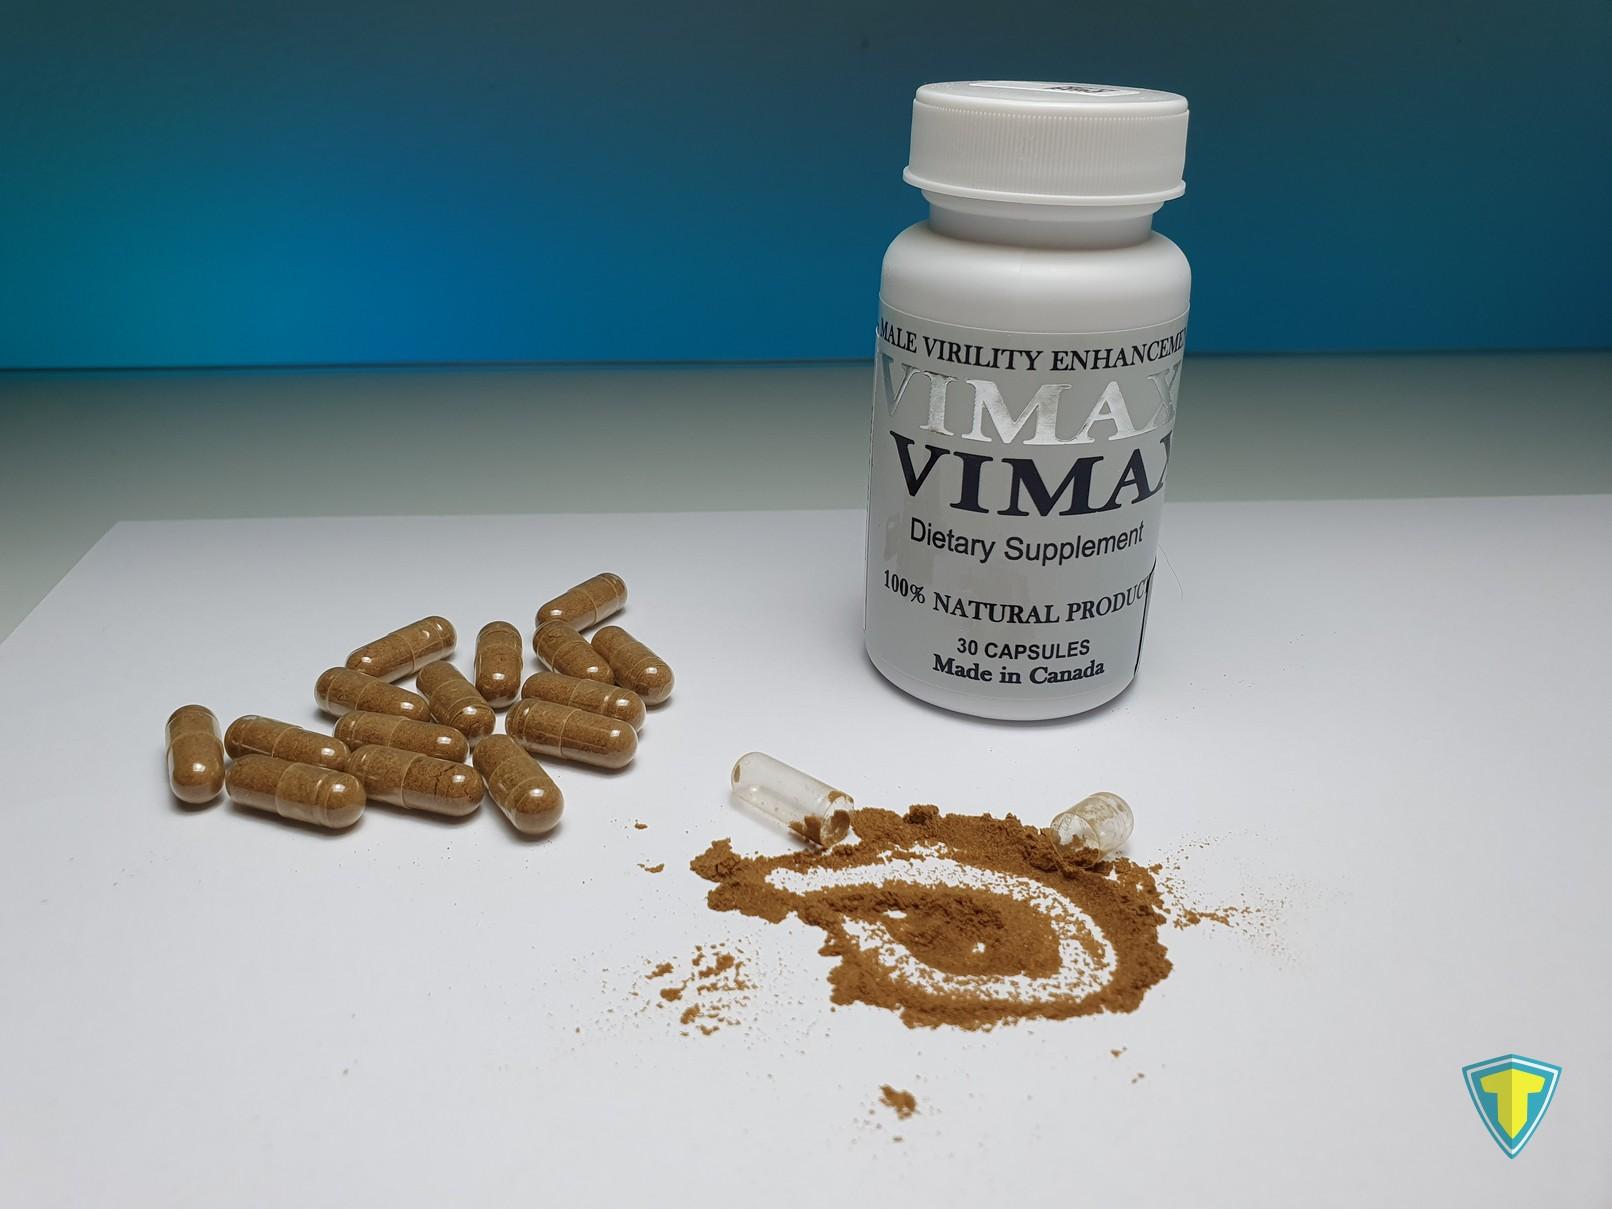 vimax - podvod a vyhodené peniaze? recenzia, účinky, cena  tabletky na erekciu